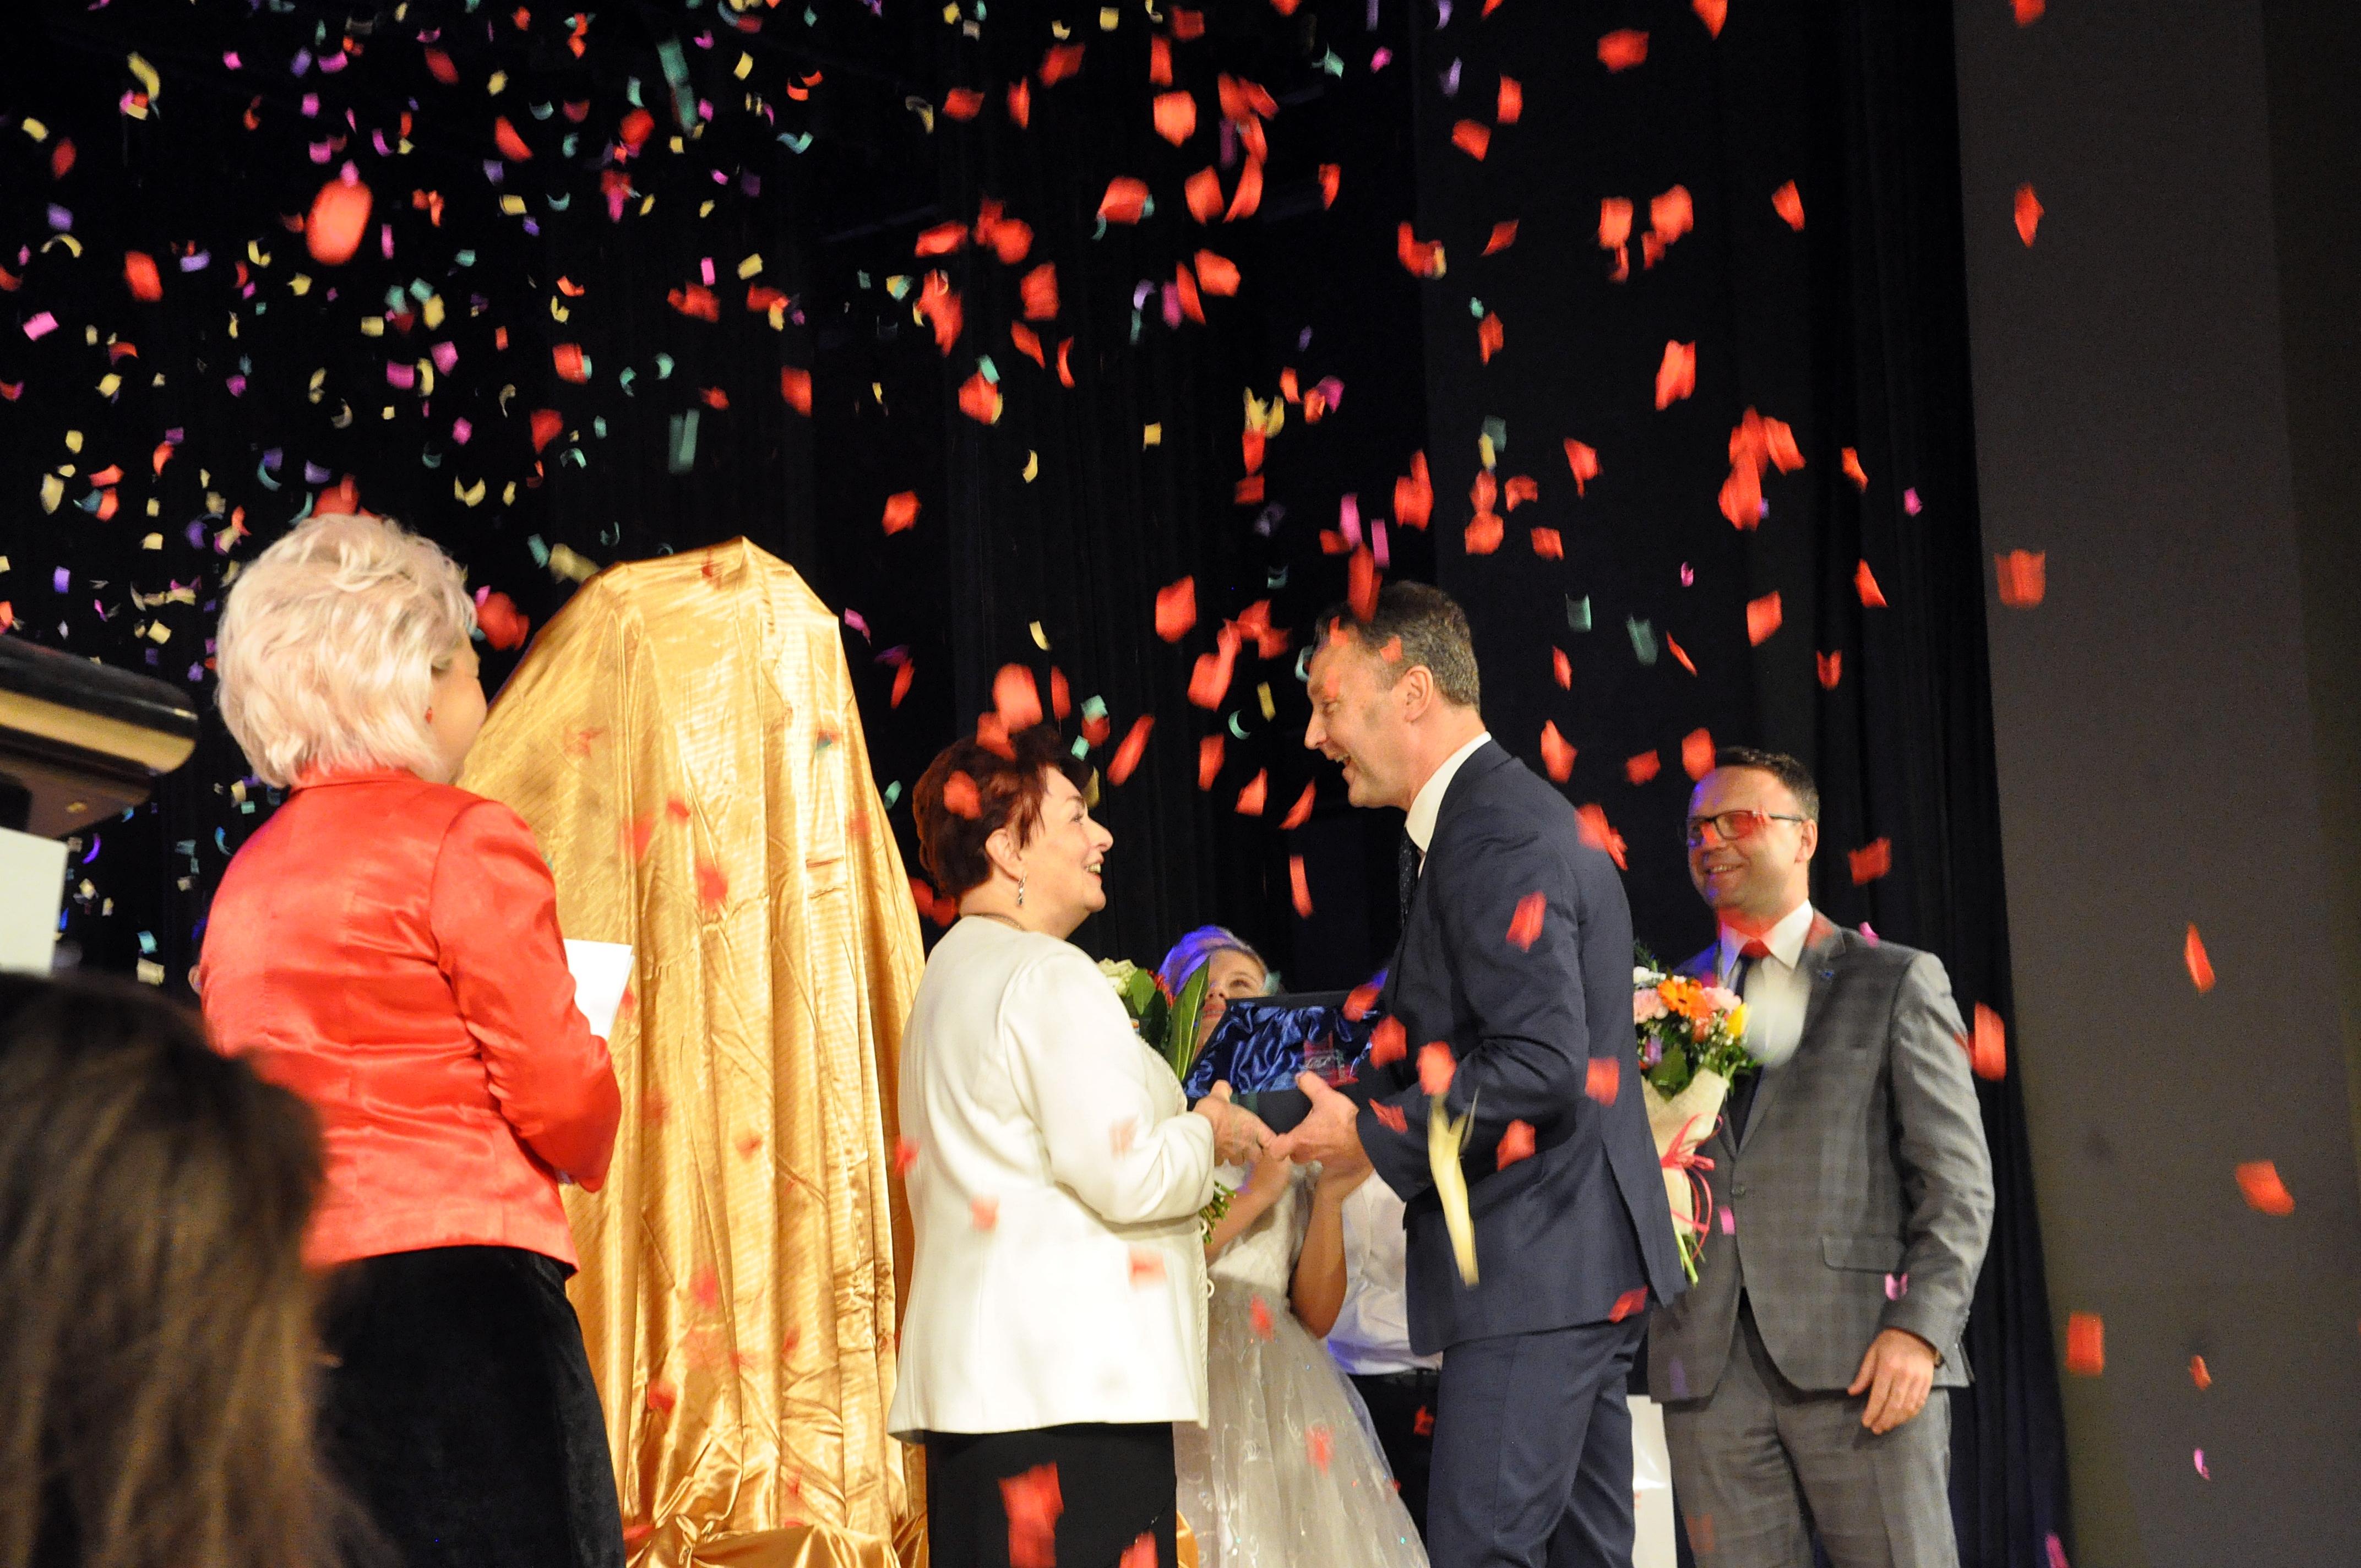 Uroczysta gala kończąca IV Dni Seniora - Zdjęcie główne